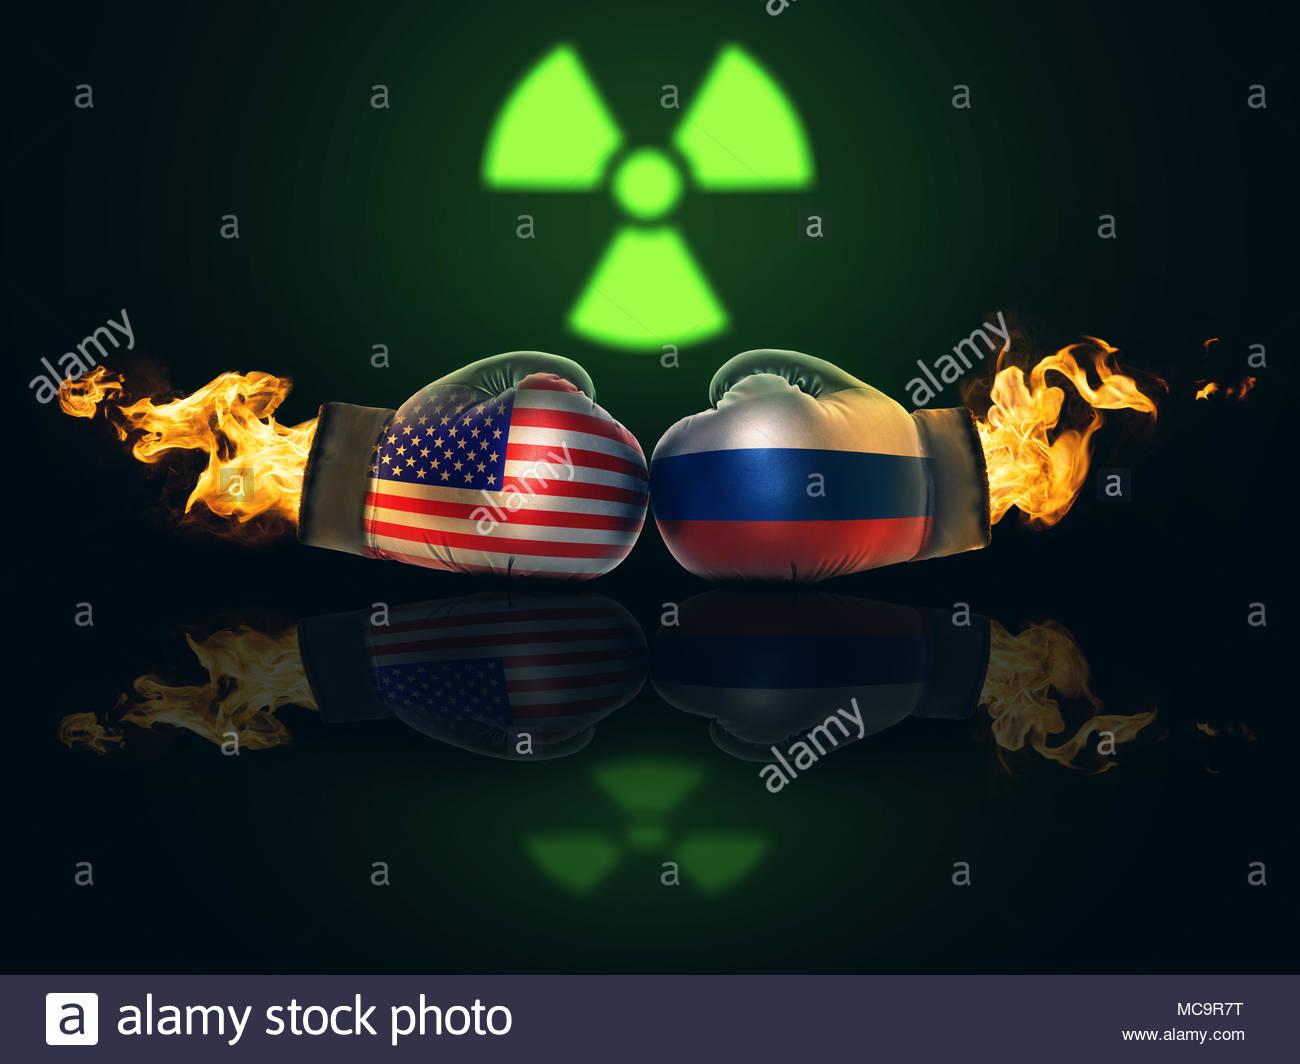 Crisis entre Estados Unidos y Rusia se convertirá en una confrontación directa concepto Imagen De Stock